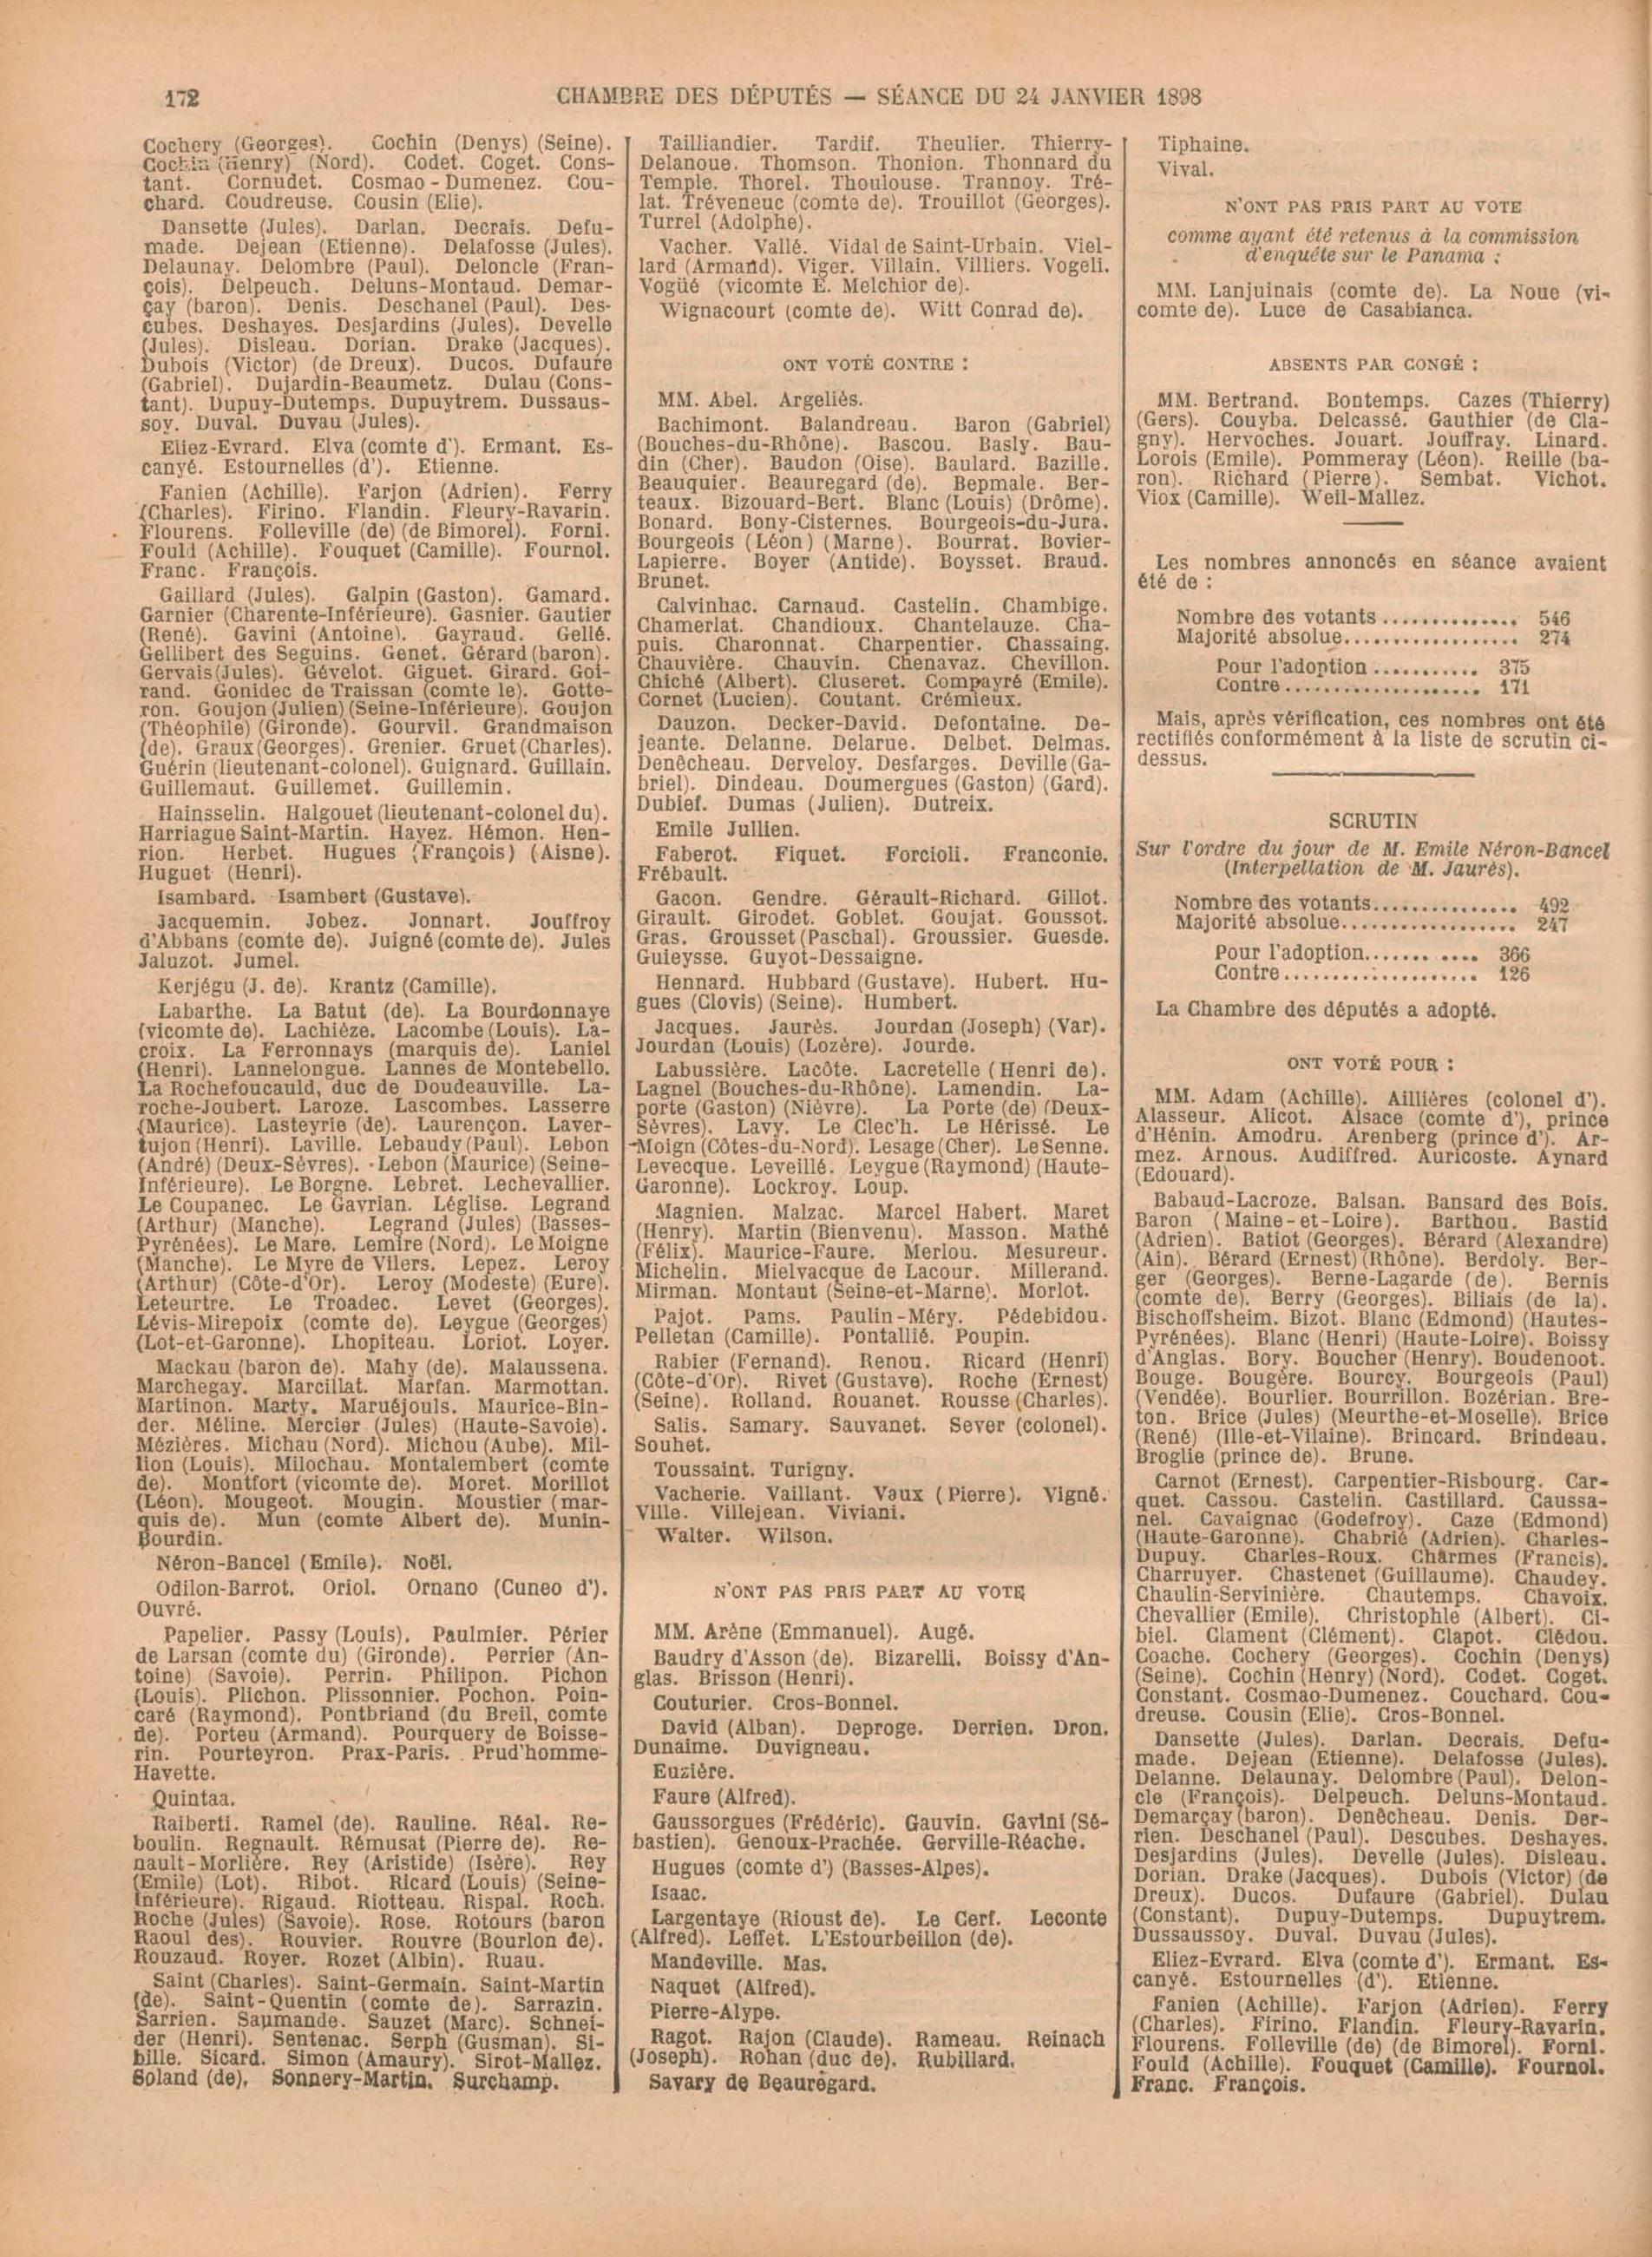 http://expo-paulviollet.univ-paris1.fr/wp-content/uploads/2017/09/Journal_officiel_de_la_République_séance-du-lundi-24-janvier-1898_Page_12.jpg